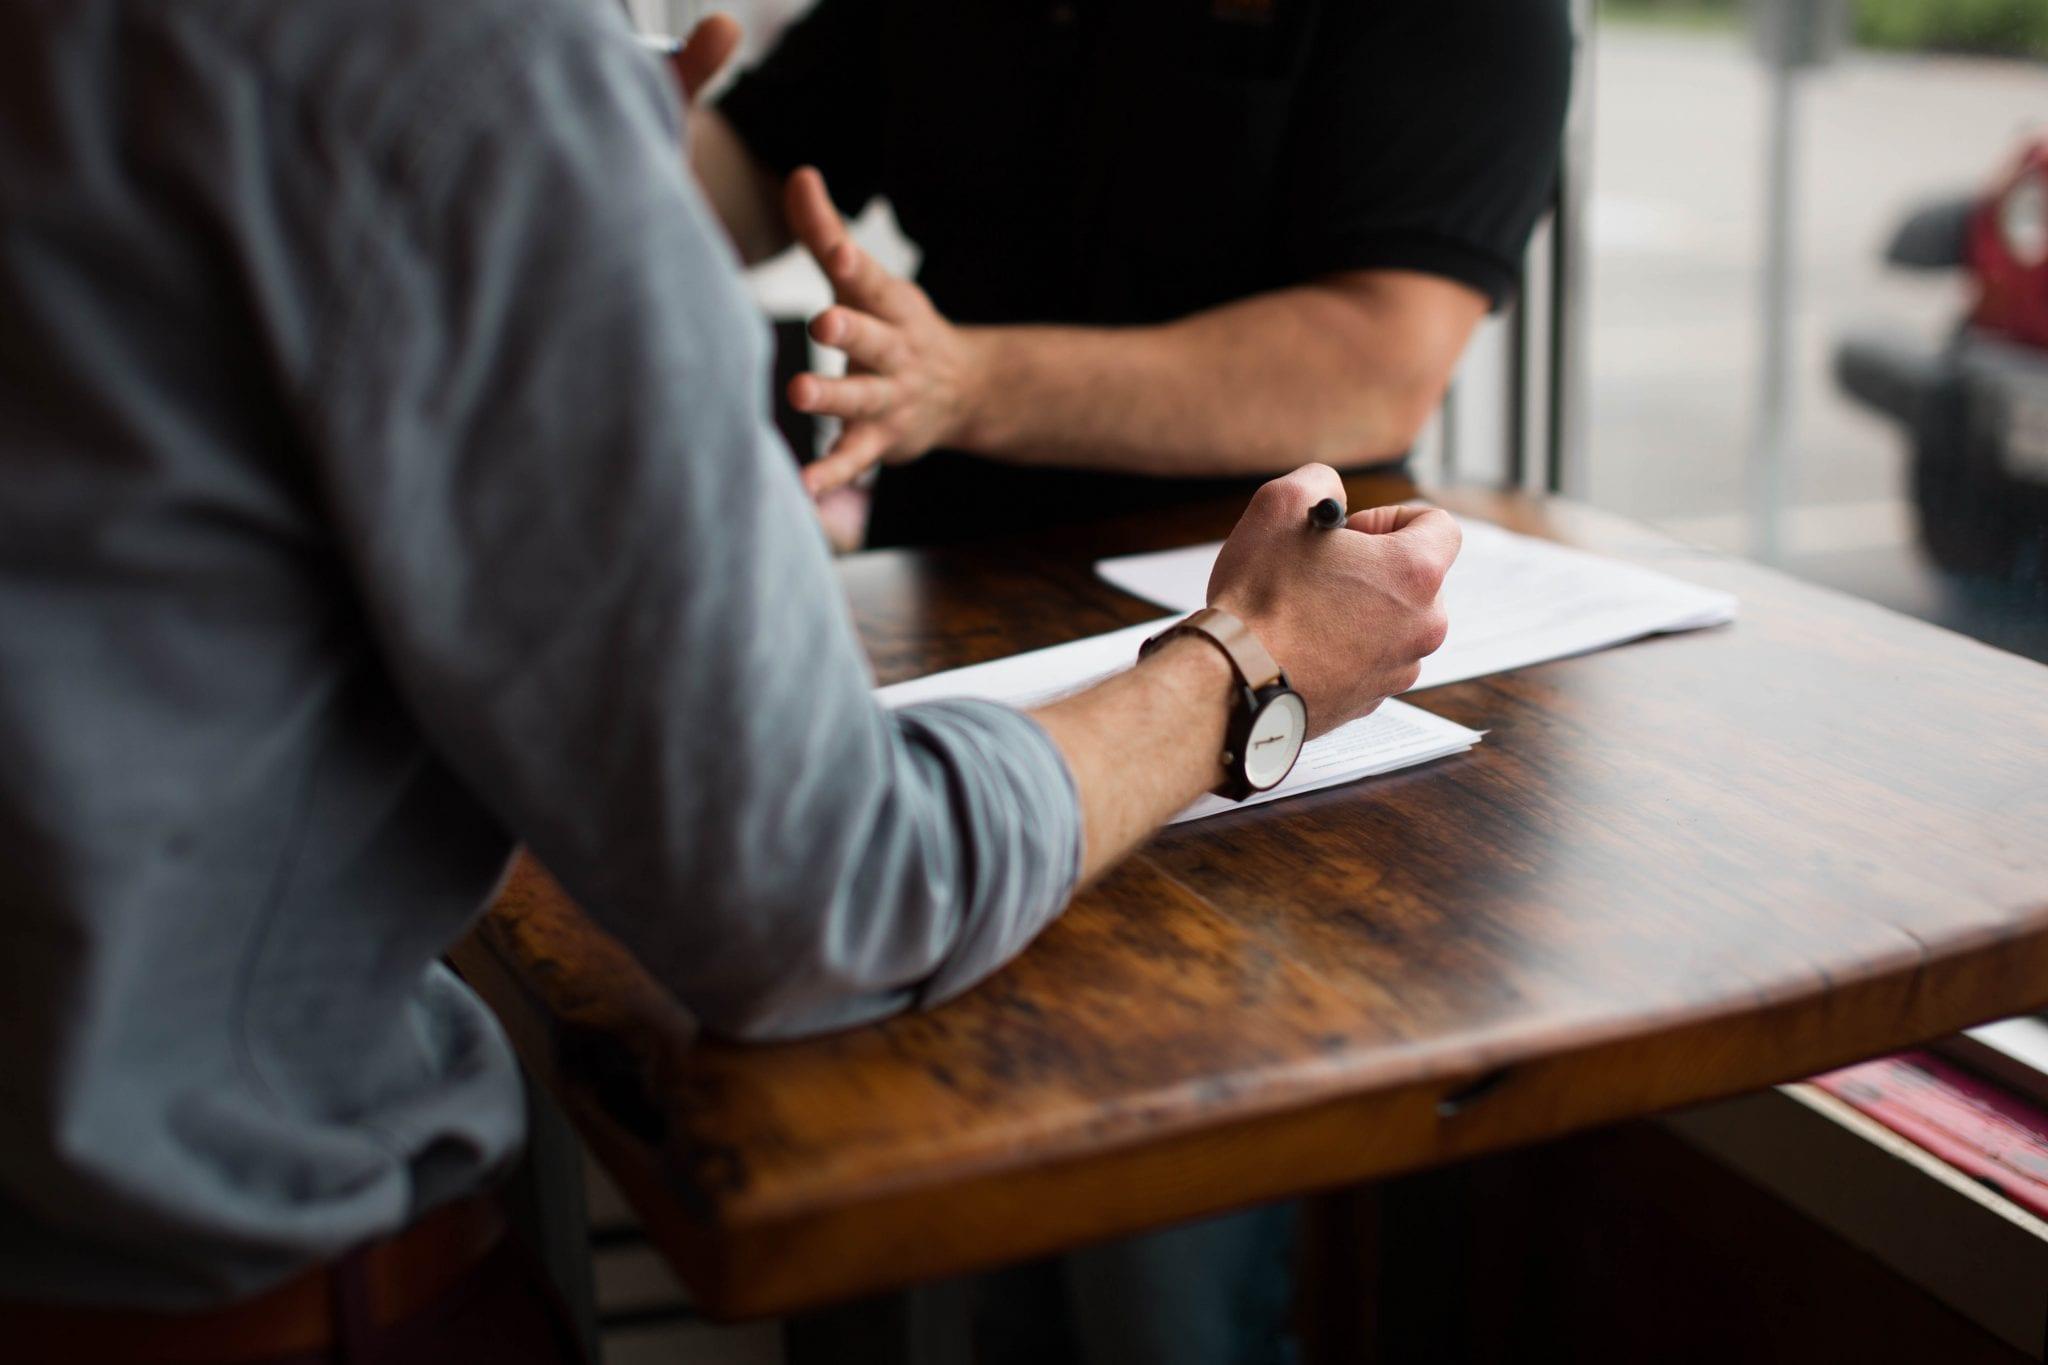 Achat immobilier : peut-on négocier les frais de notaire ?